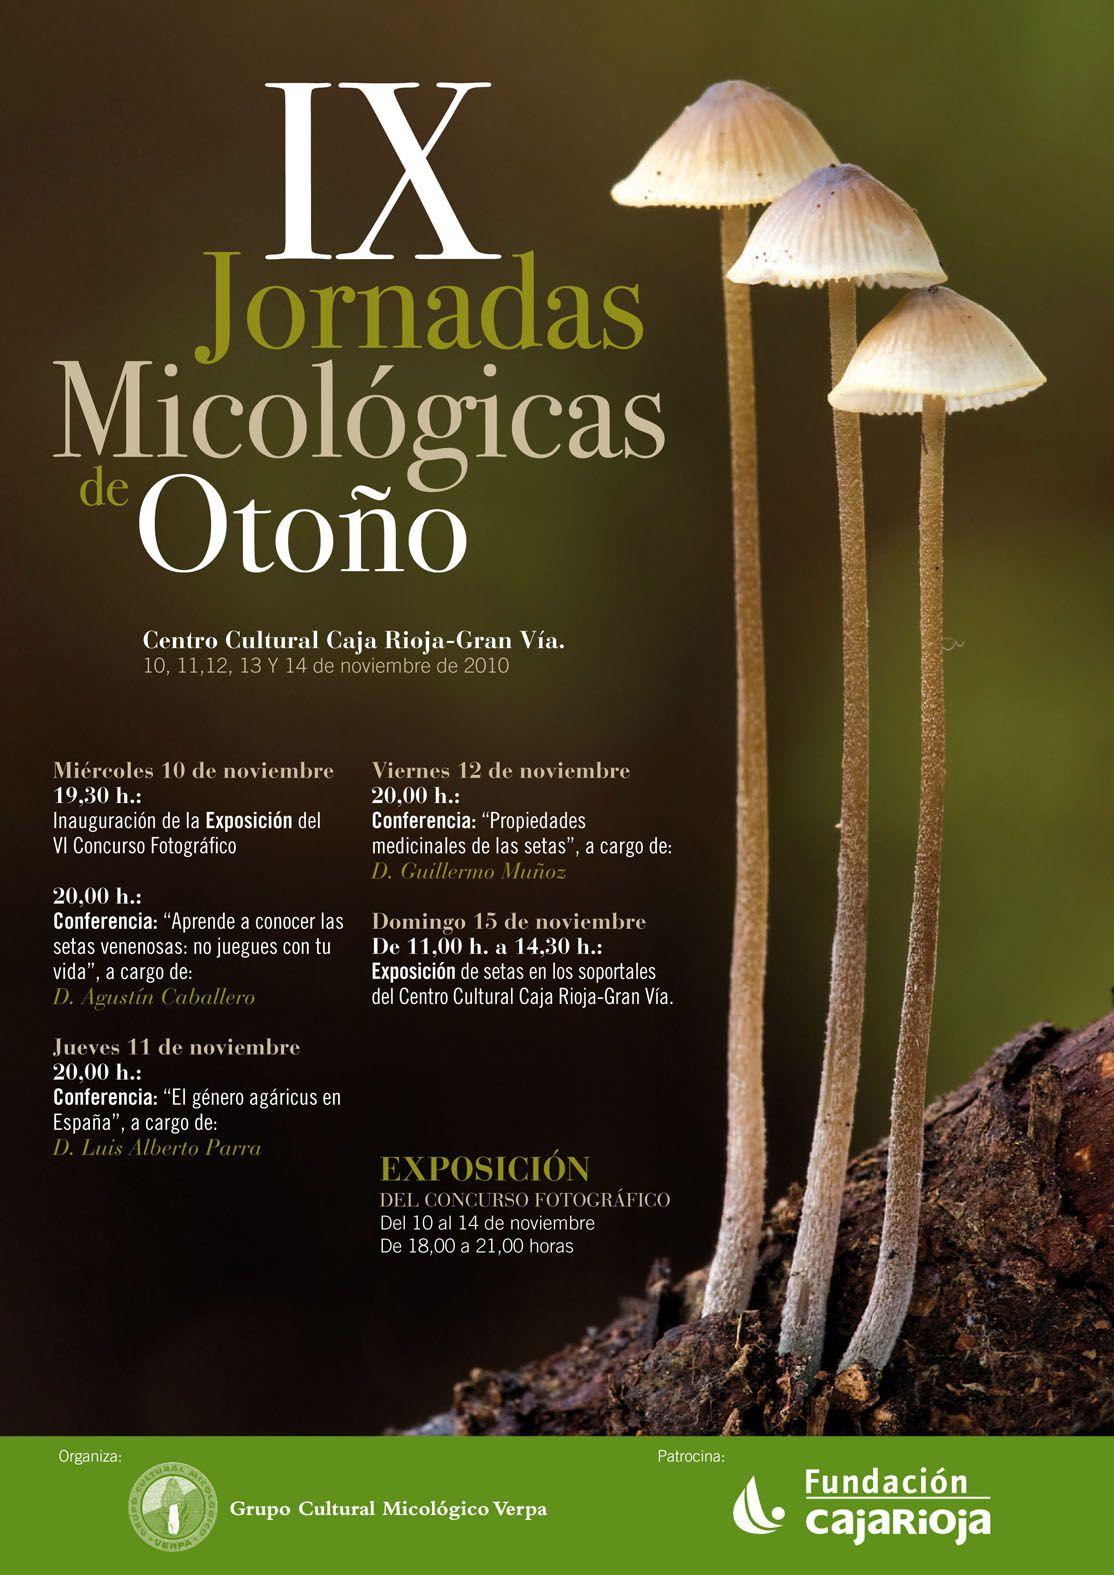 Cartel sobre unas Jornadas MIcologicas realizadas por la Fundación CajaRioja